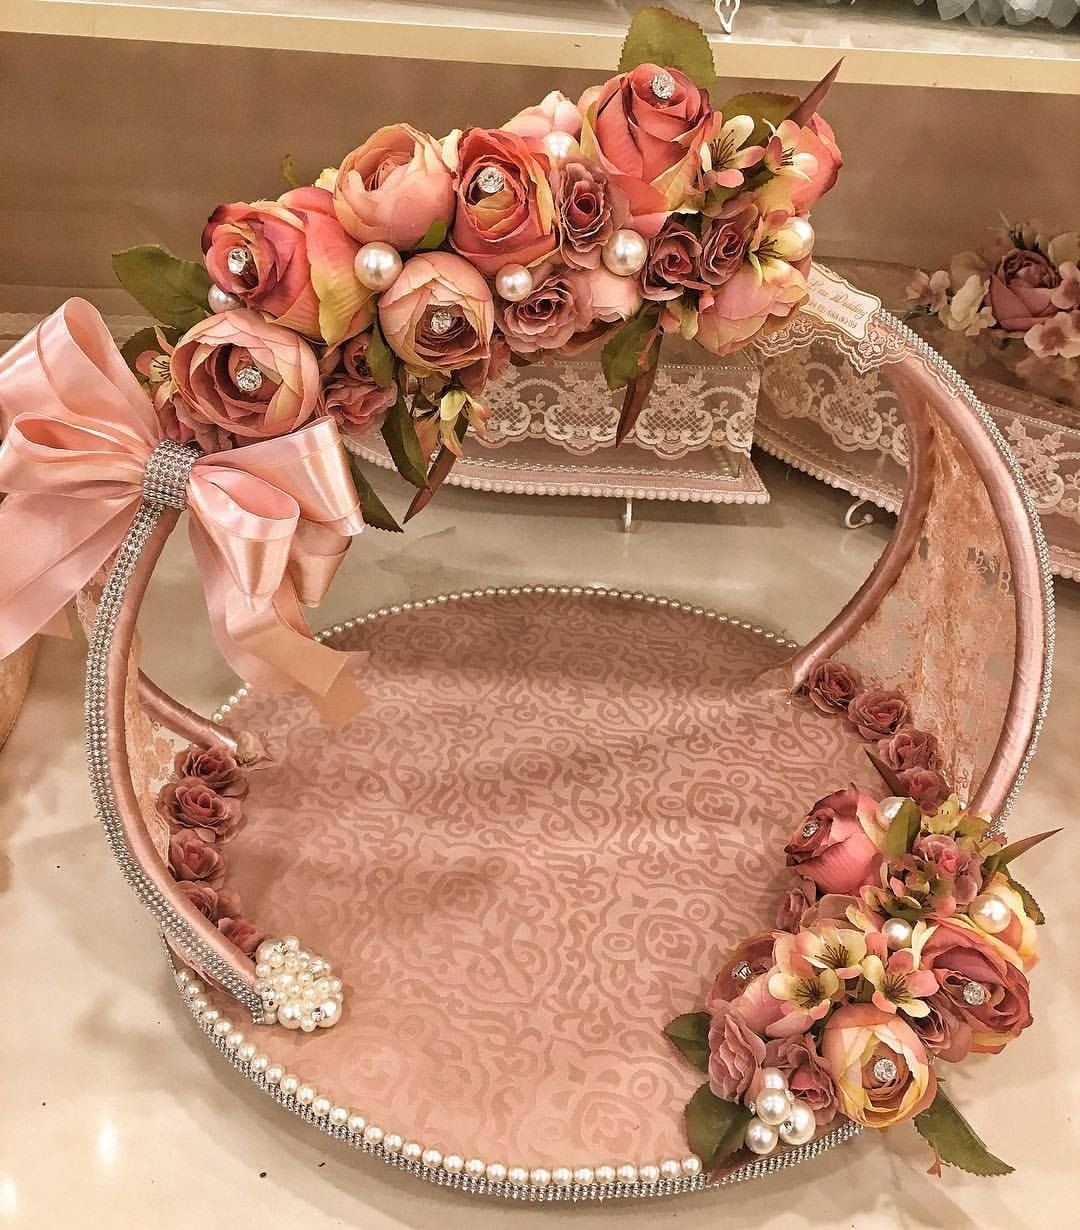 Pin By Halime Sherifi On Toy Detallari Wedding Gift Pack Indian Wedding Gifts Wedding Gift Baskets